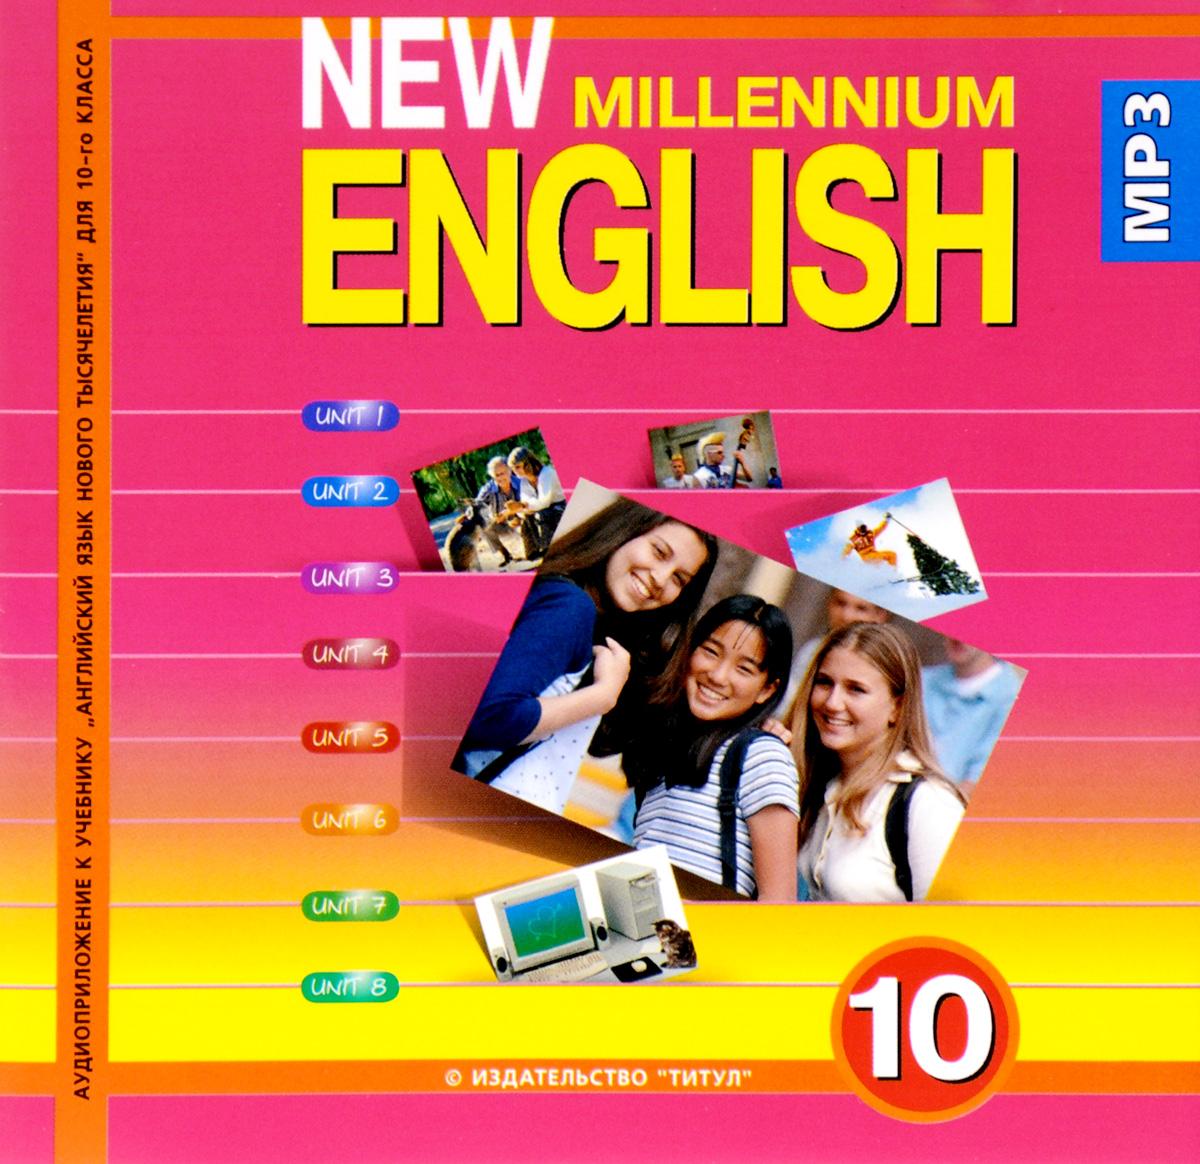 New Millennium English 10 / Английский язык нового тысячелетия. Английский язык. 10 класс. Электронное учебное пособие new millennium english 7 английский язык нового тысячелетия 7 класс обучающая компьютерная программа